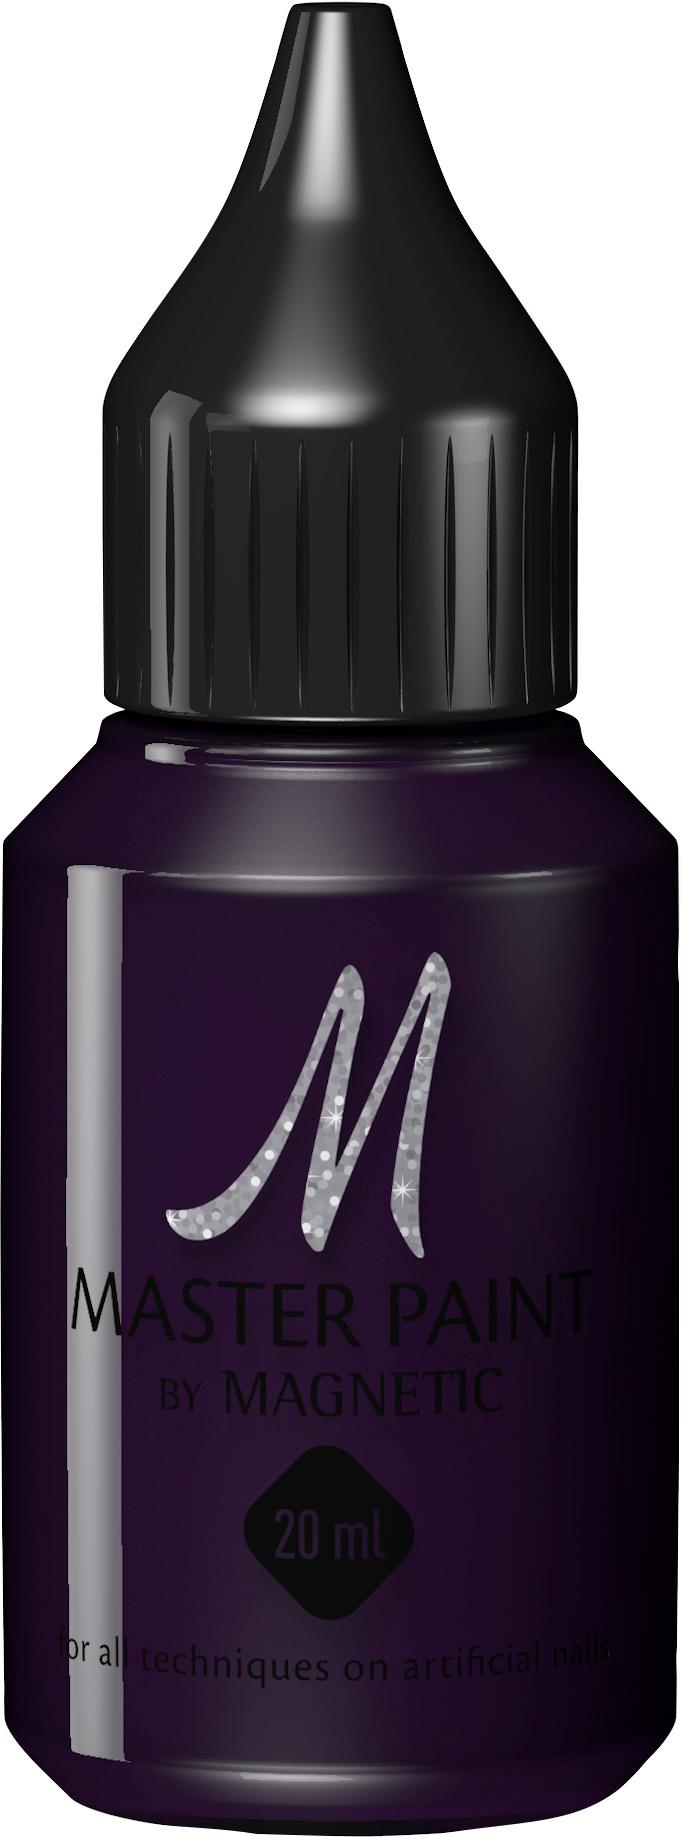 Naglar Master Paint Deep Purple - 20 ml